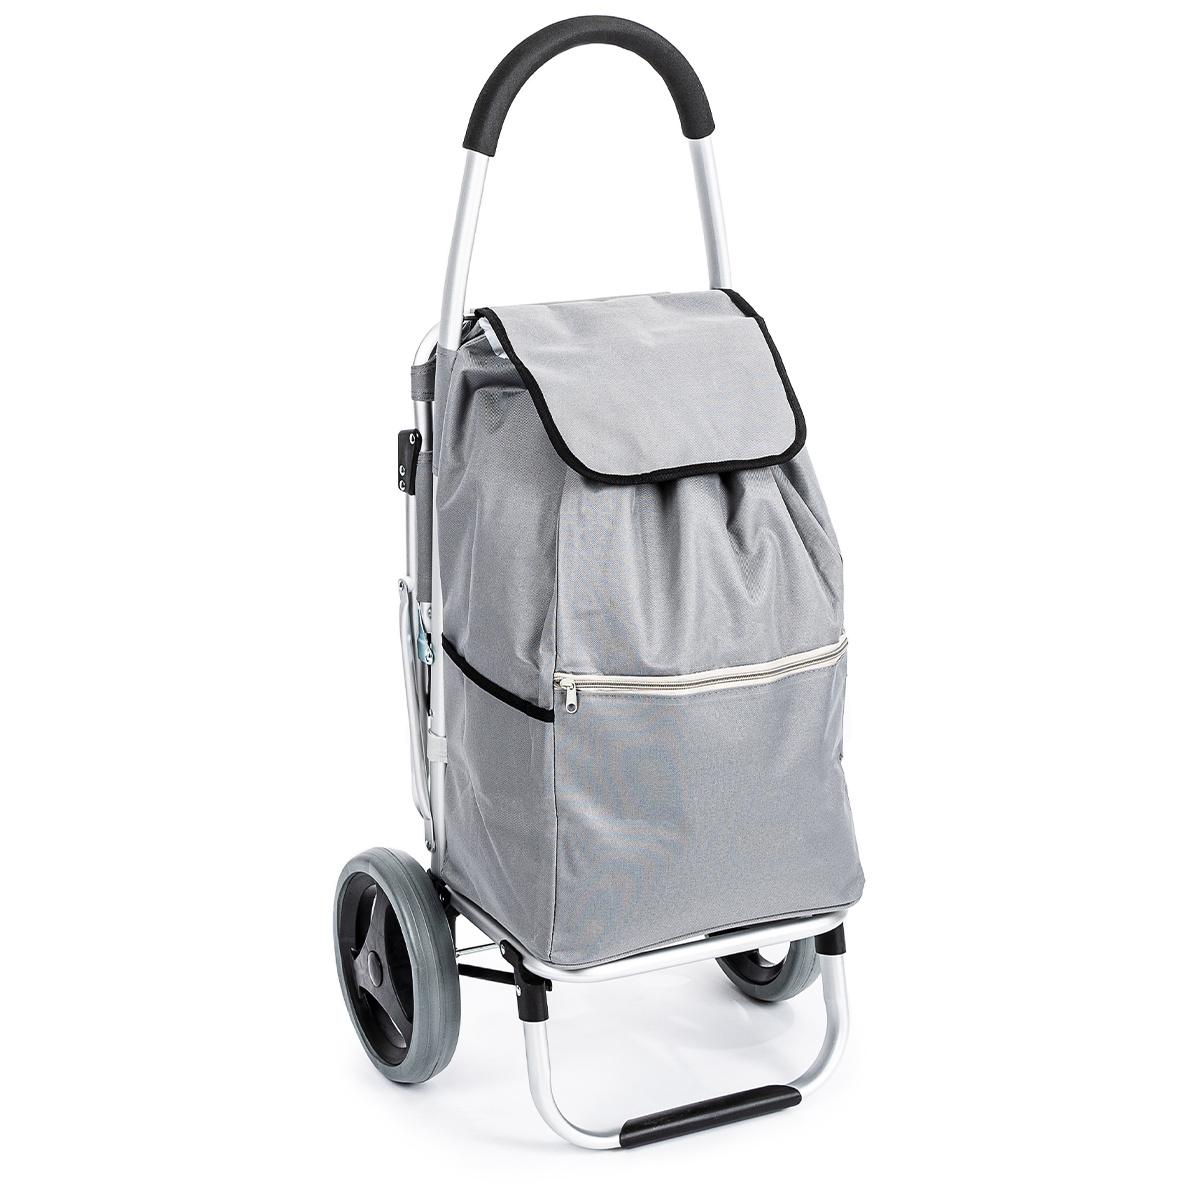 Aldo Nákupná taška na kolieskach so sedátkom Comfort, sivá